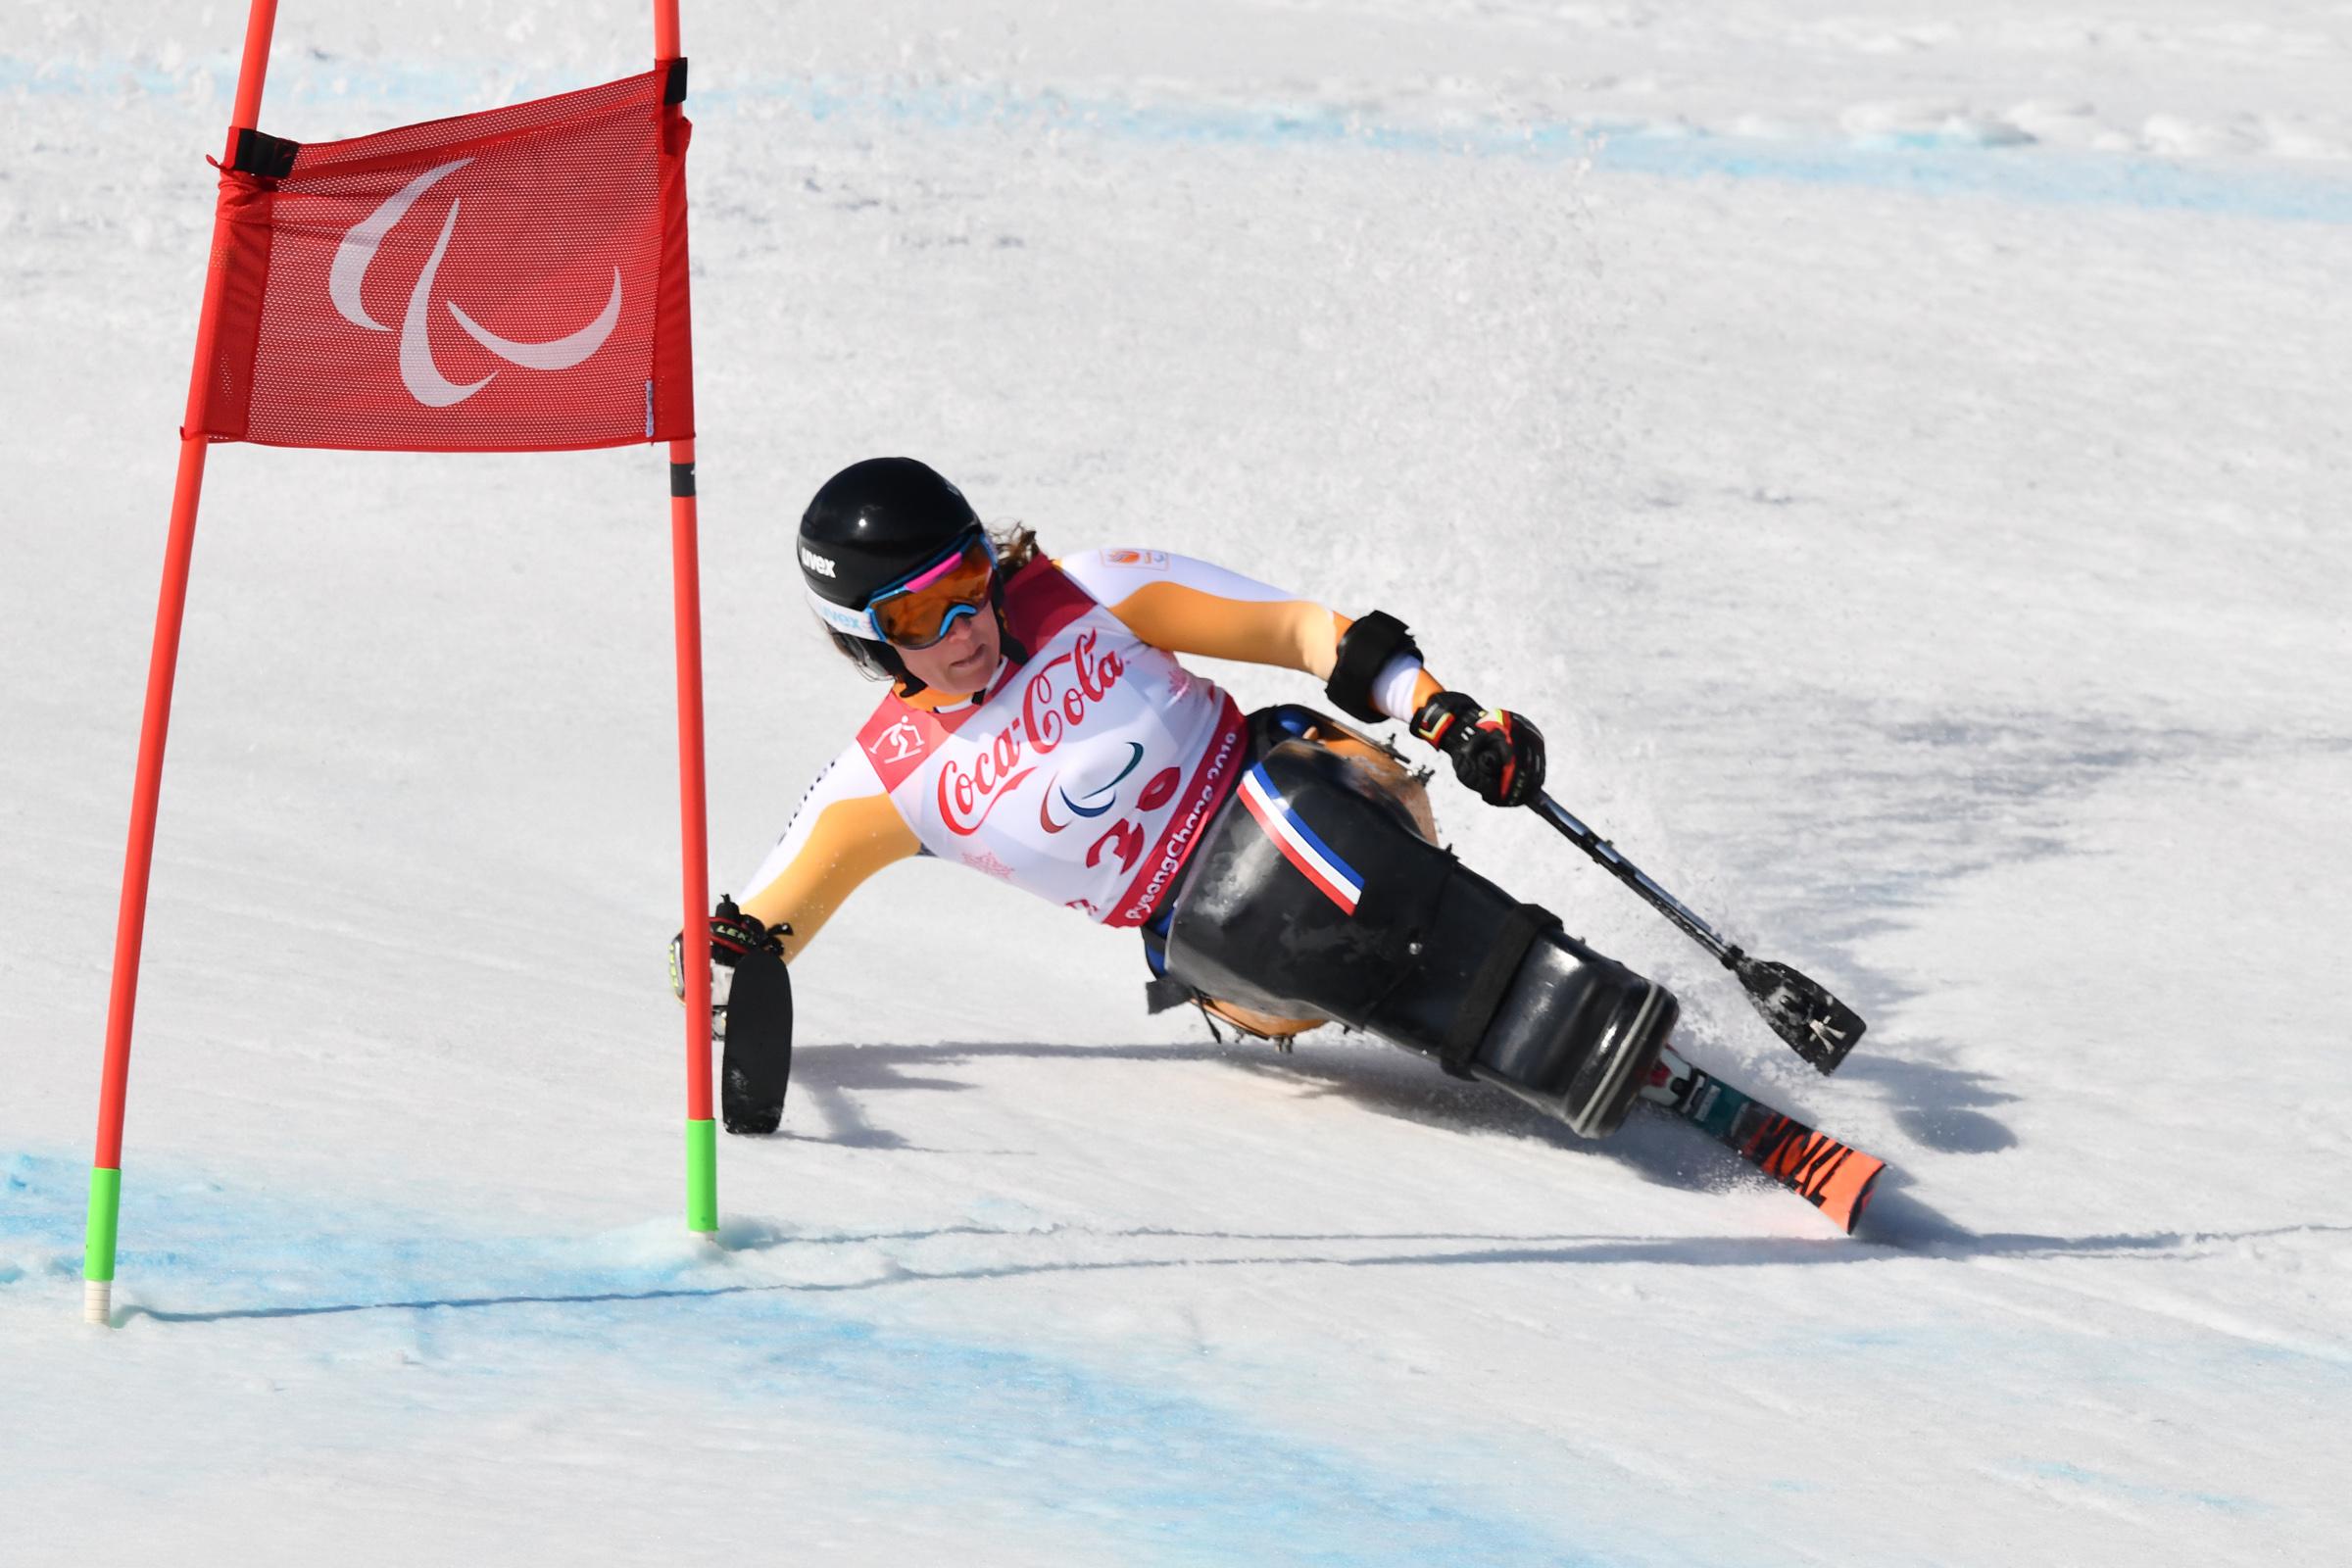 Stel: je hebt een handicap. Hoe begin je dan met skiën?